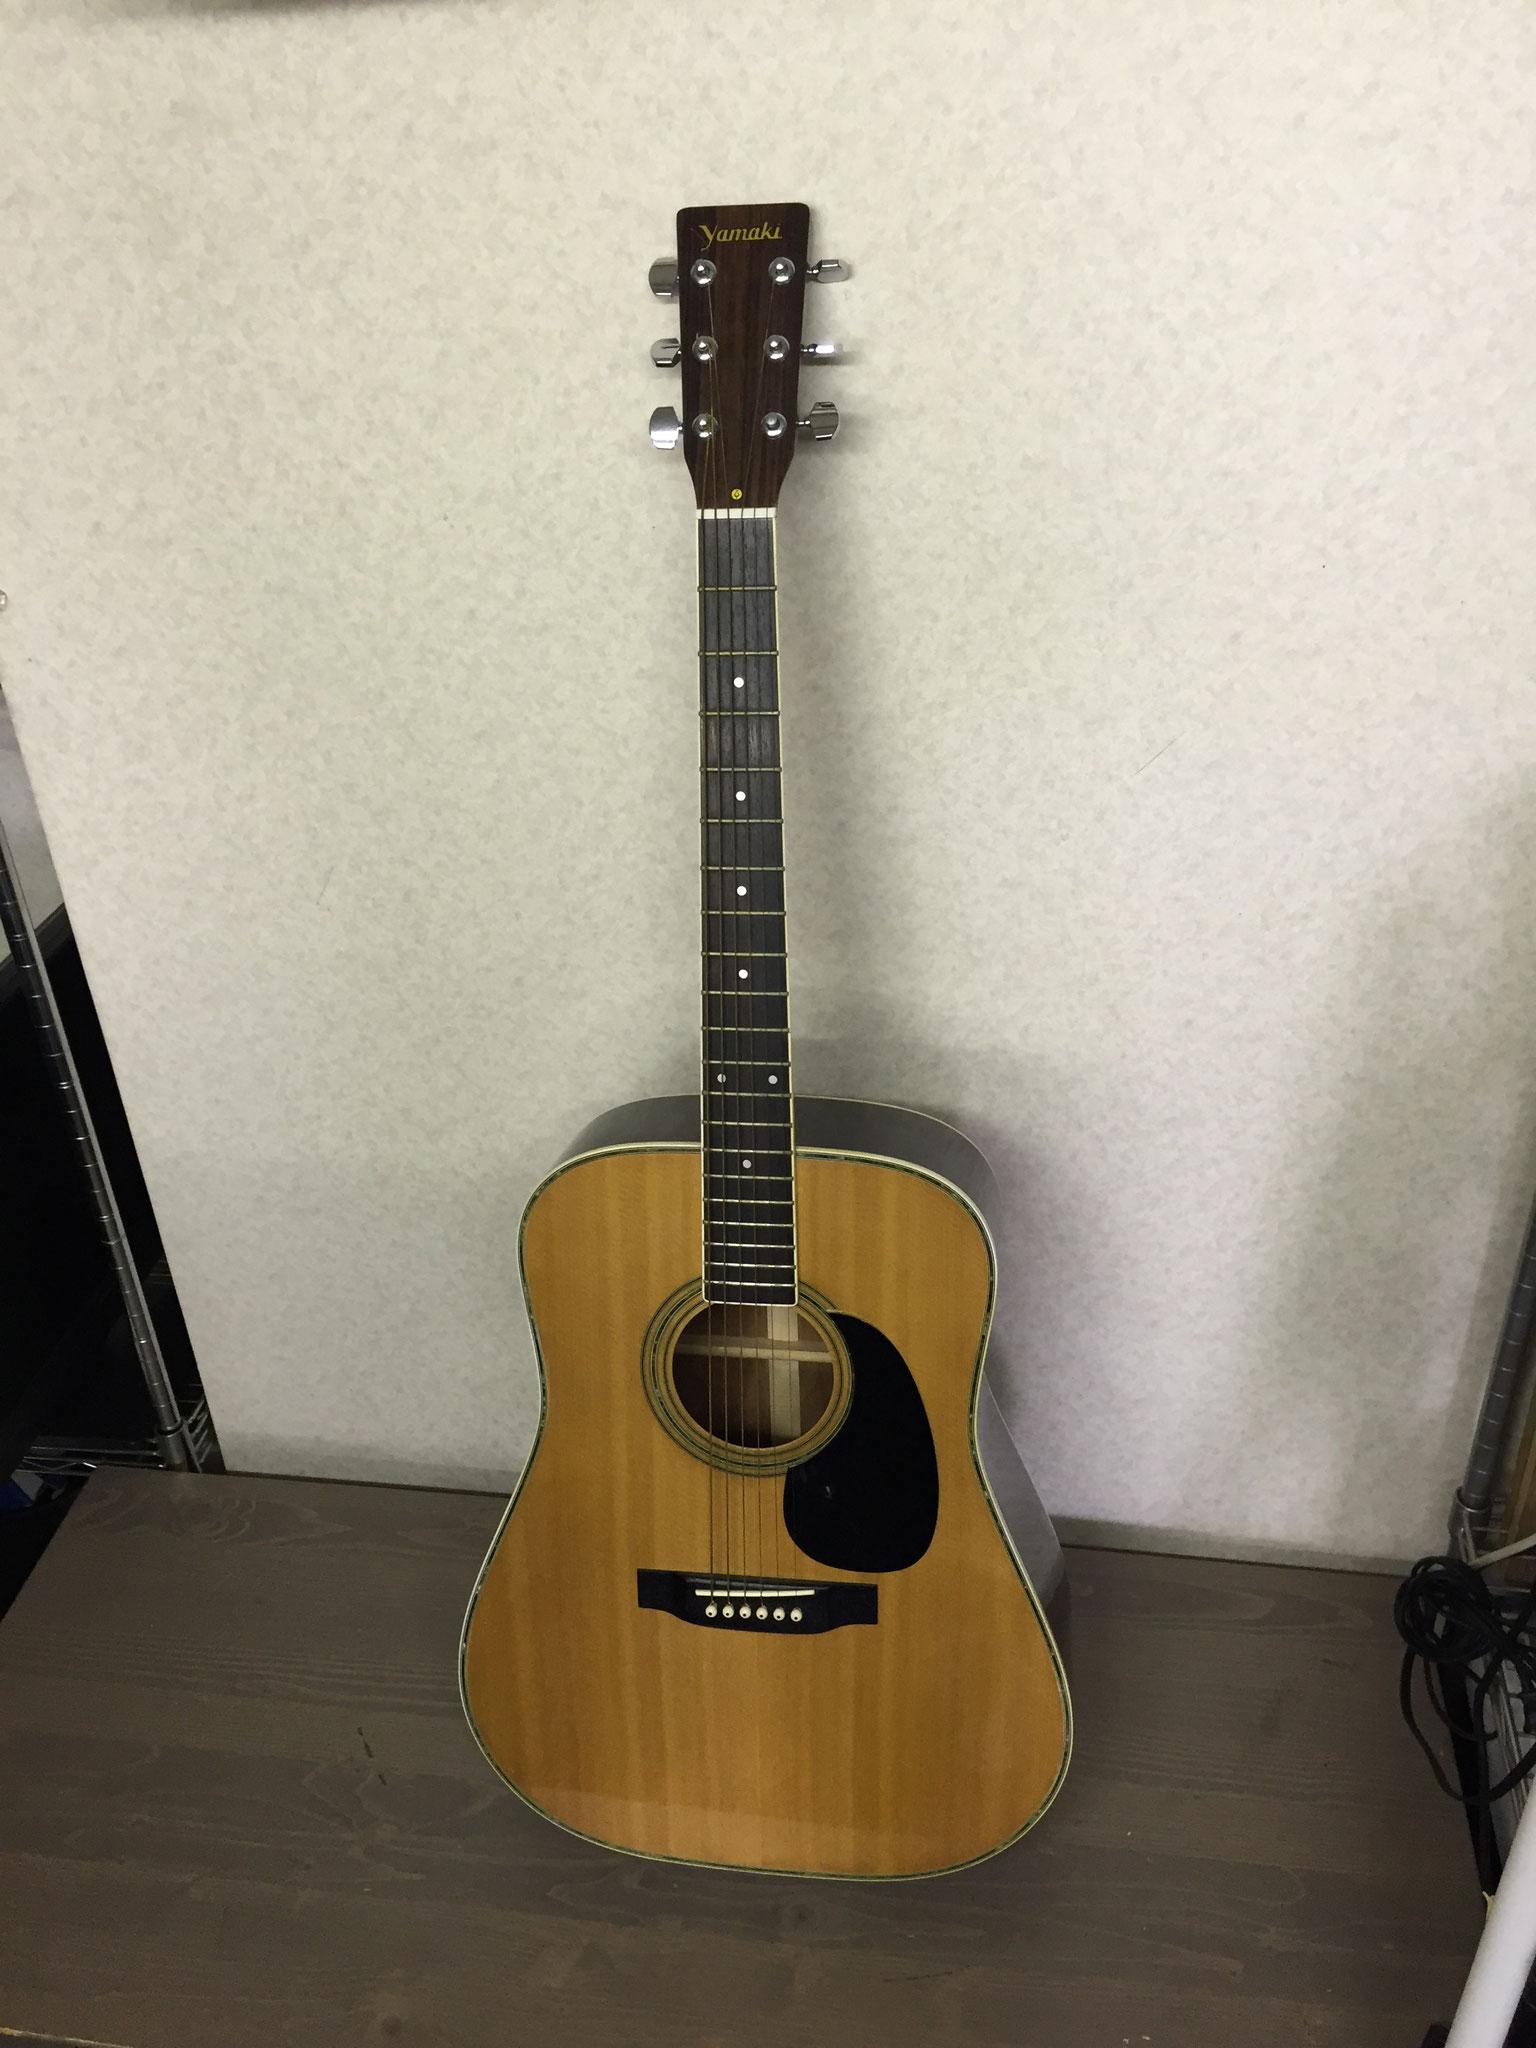 ヤマキアコースティックギター